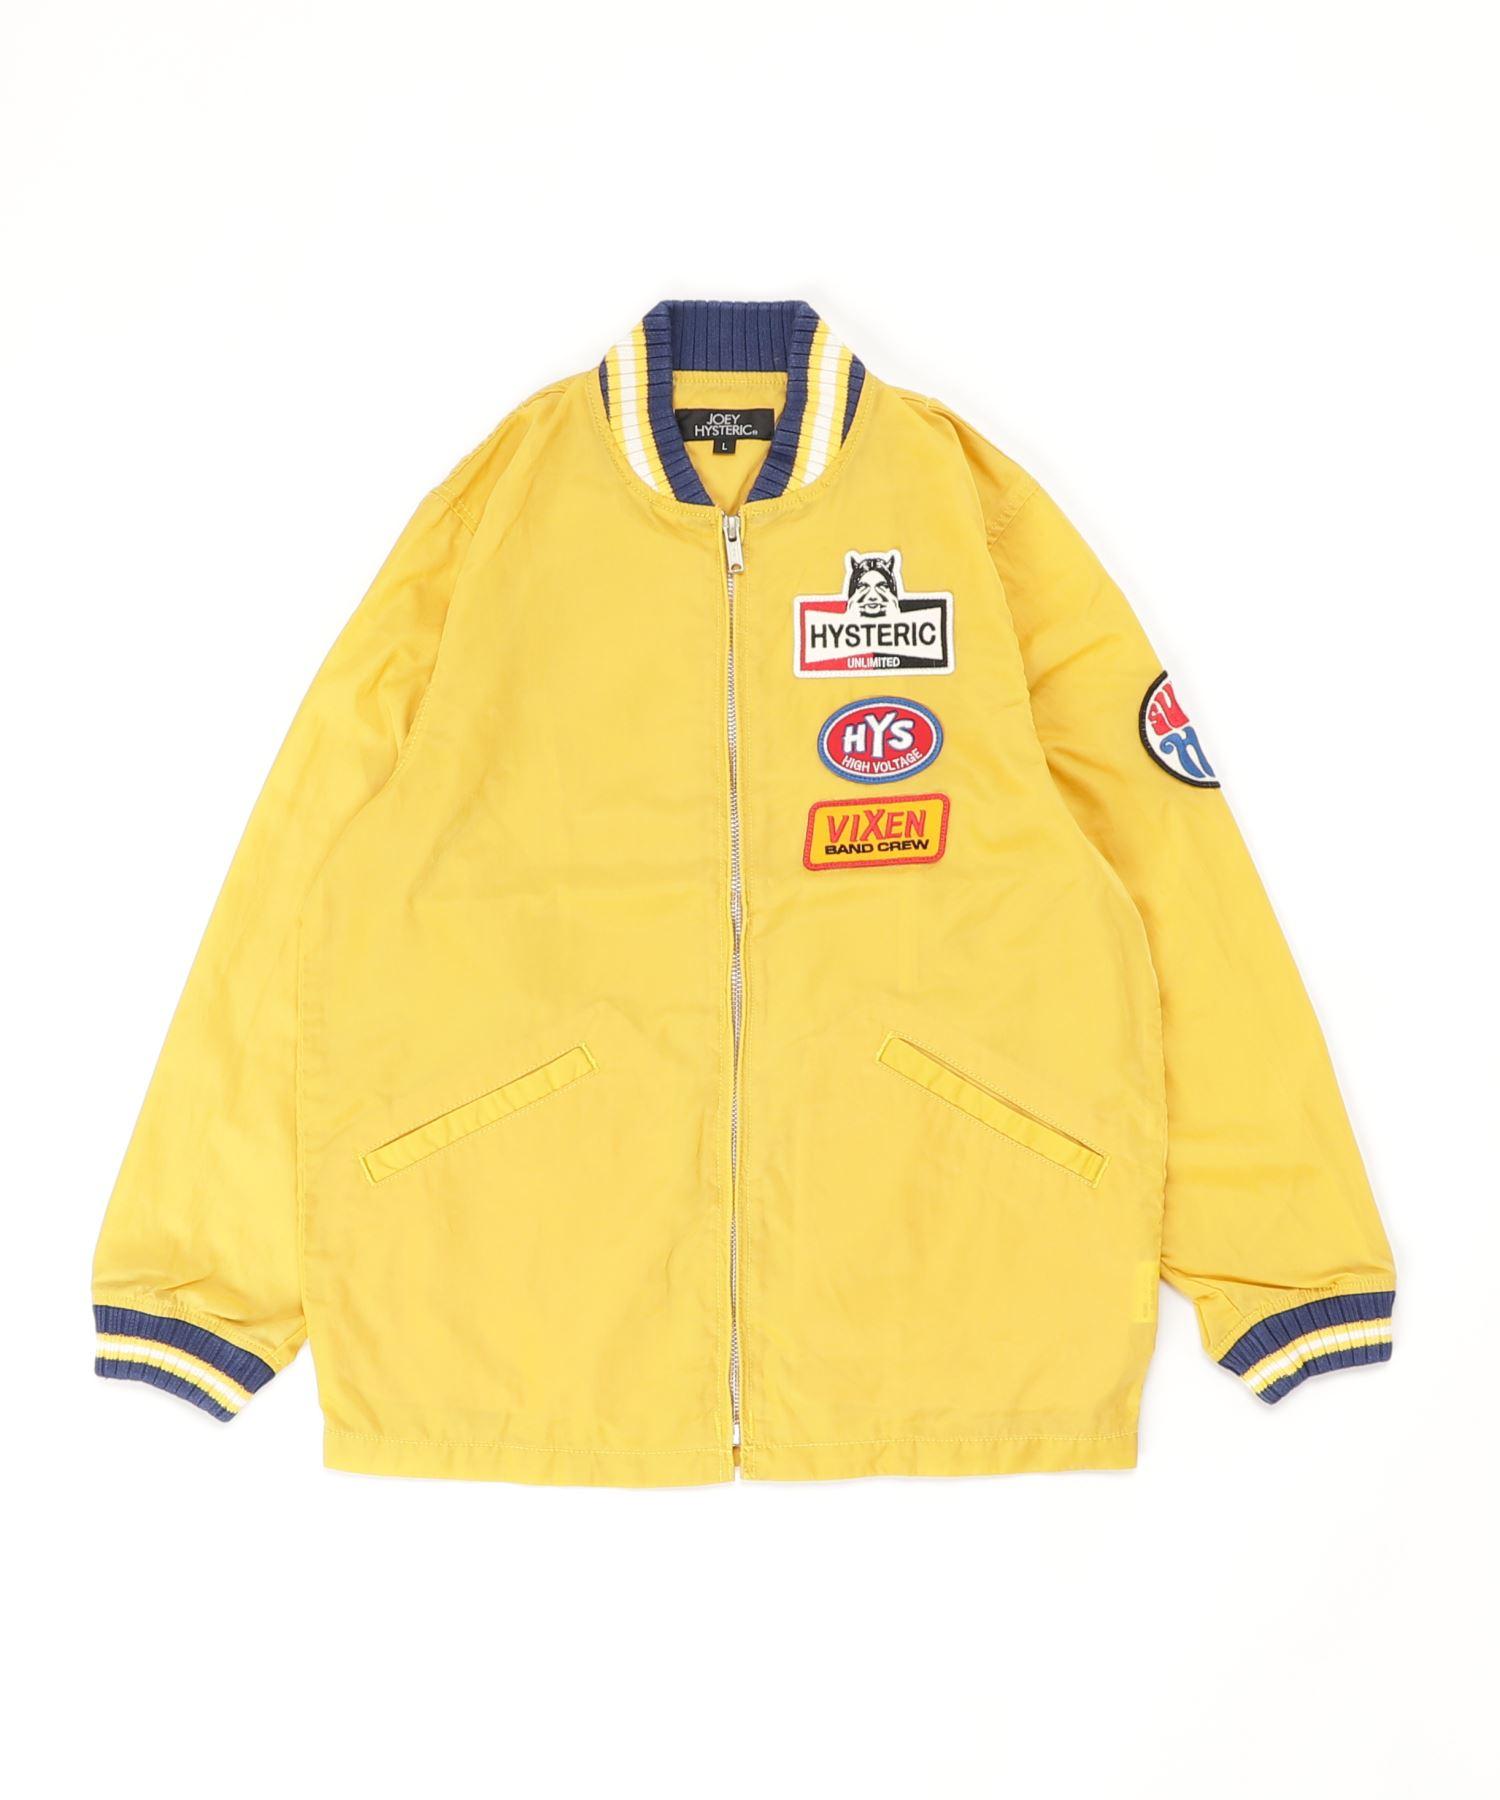 HG SPARKSアップリケ レーシングジャケット【L】